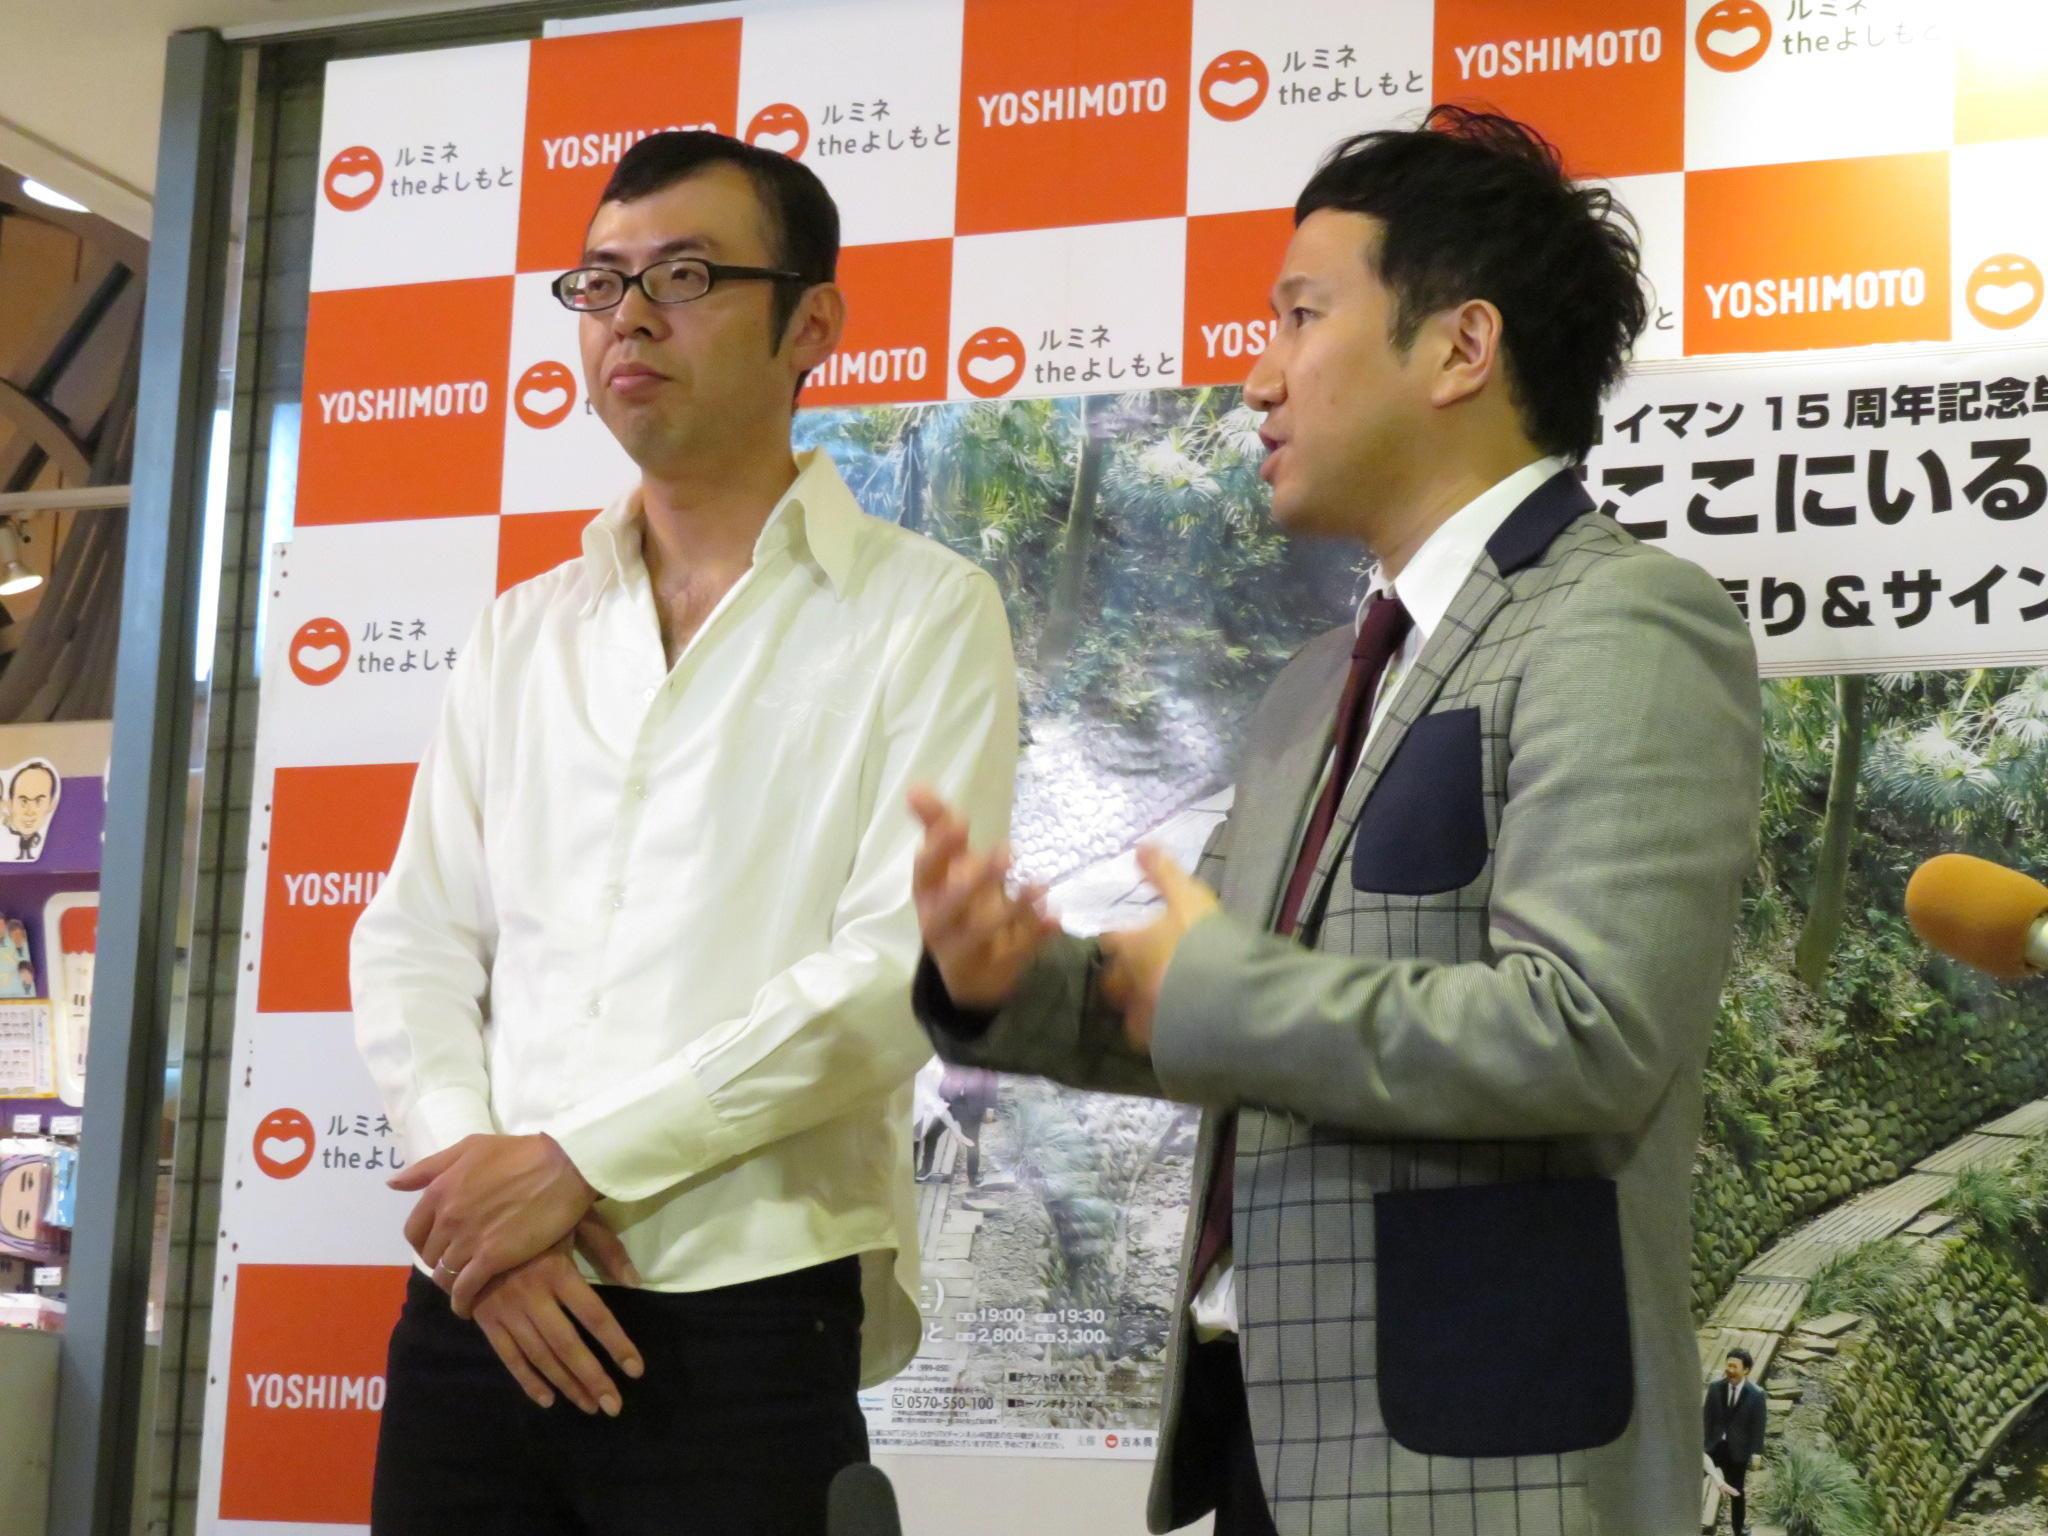 http://news.yoshimoto.co.jp/20180515004216-db7336206cba4ad4e9683198f7452e158c6e83b7.jpg